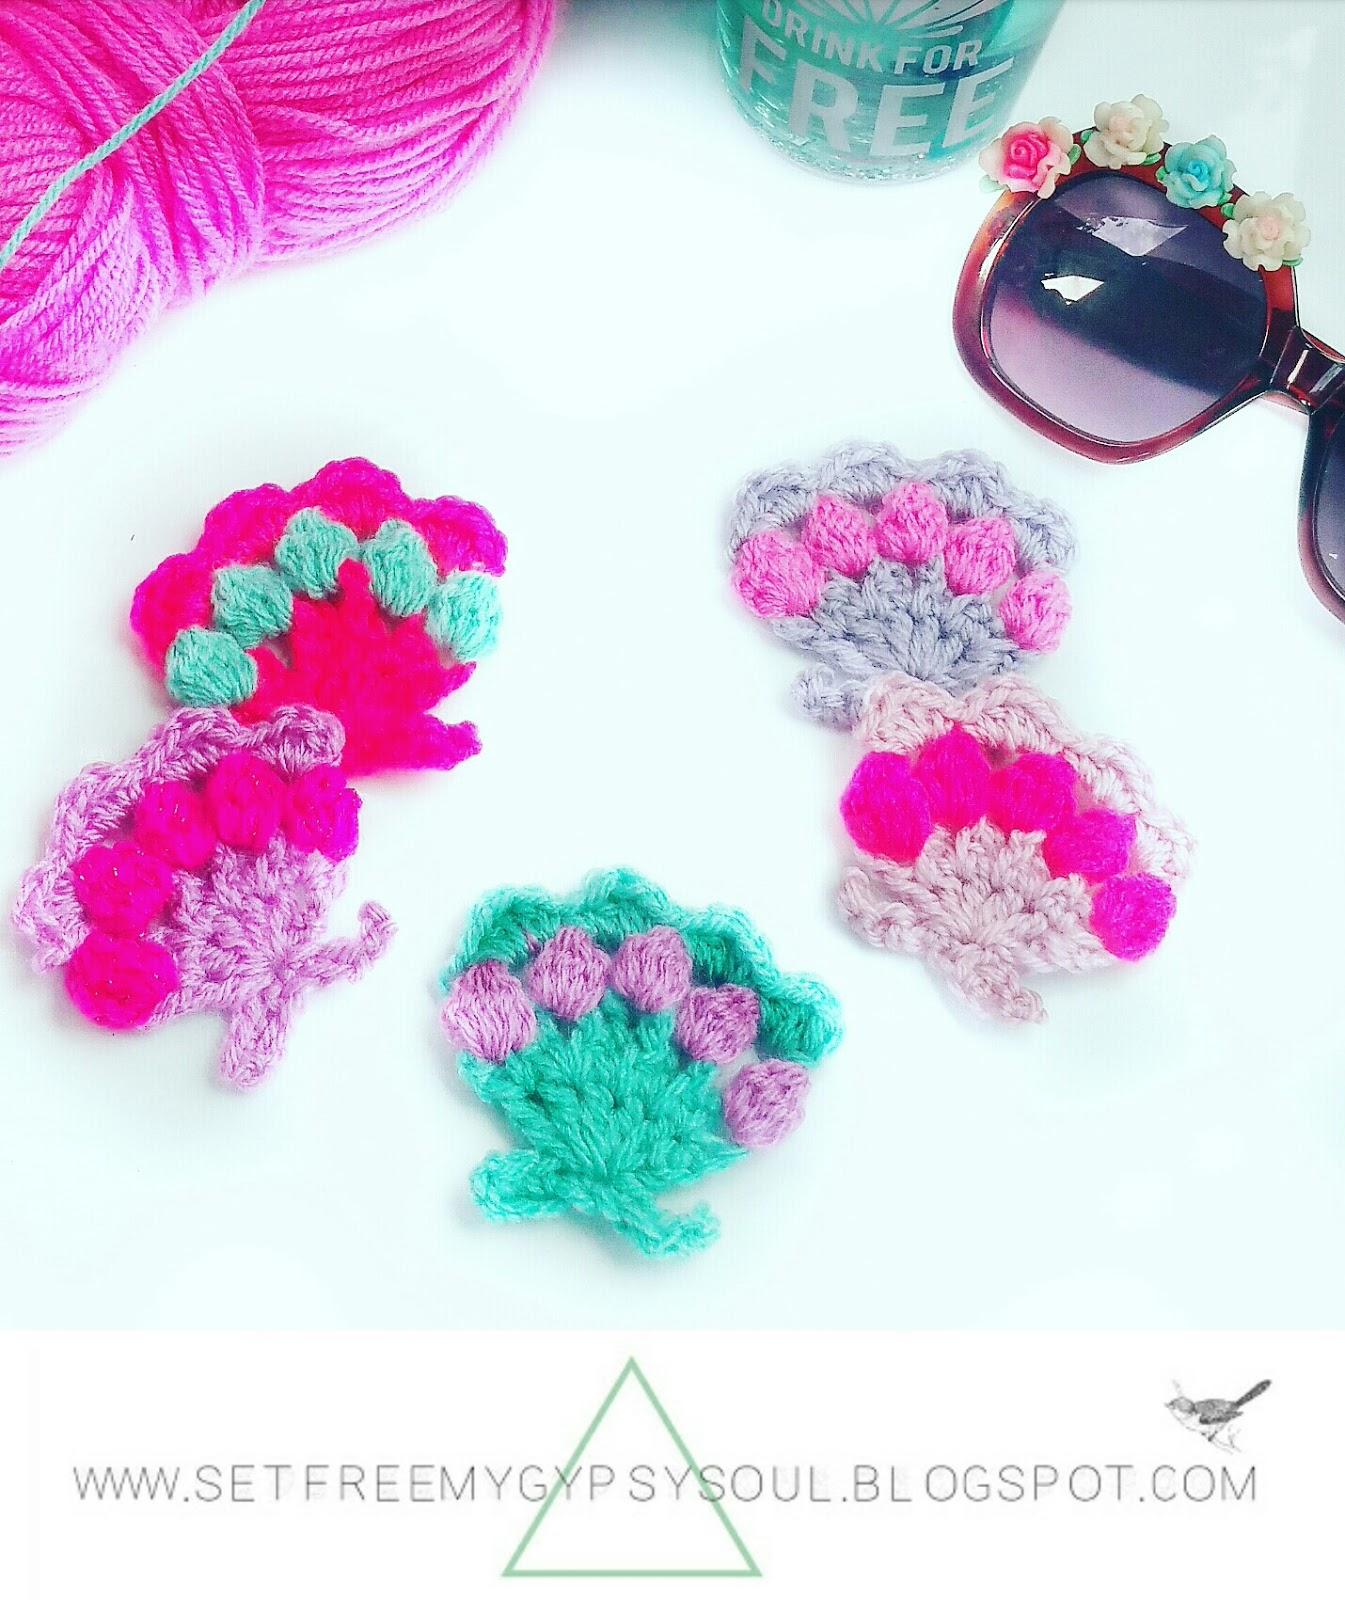 Set Free My Gypsy Soul A Crochet Craft Blog Mermaid Pastel Sea